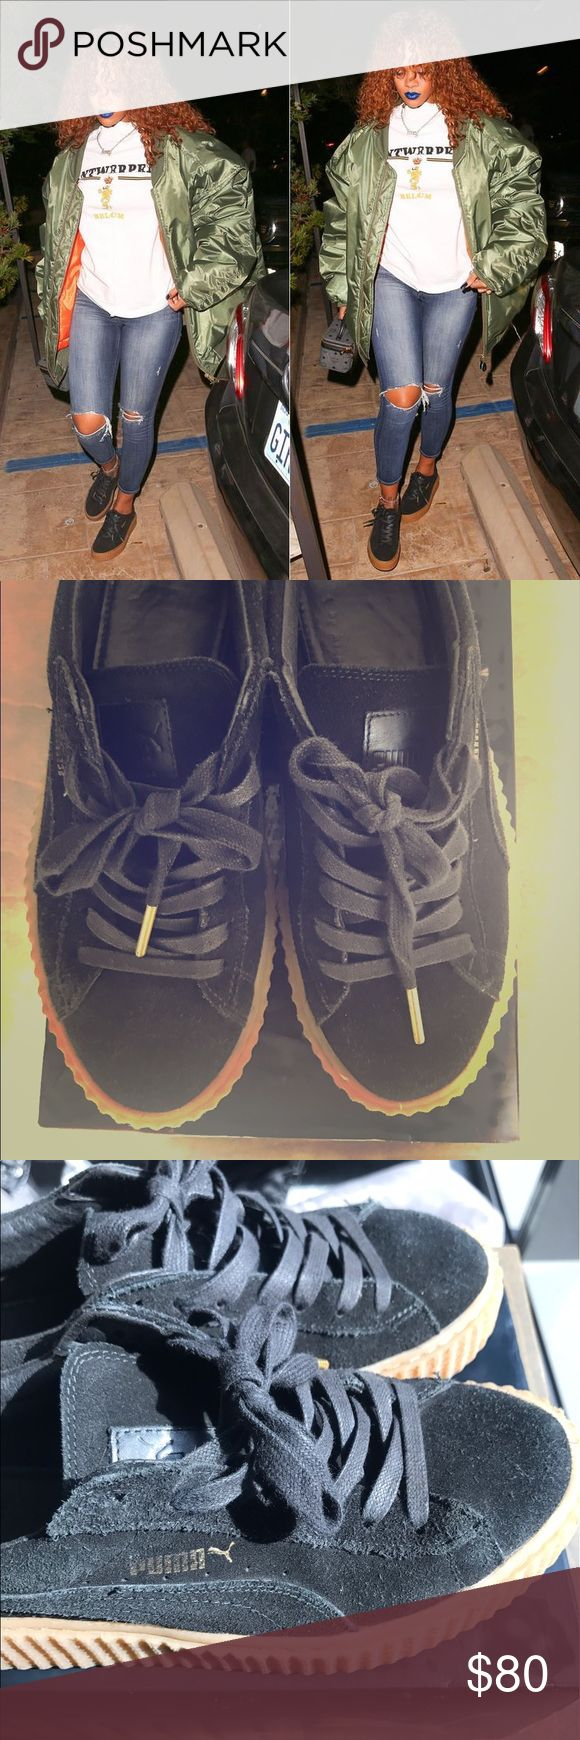 Rihanna pumas! Original color beige and black Rihanna pumas tan and black...sold out shoe!! *Authentic* Puma Shoes Sneakers